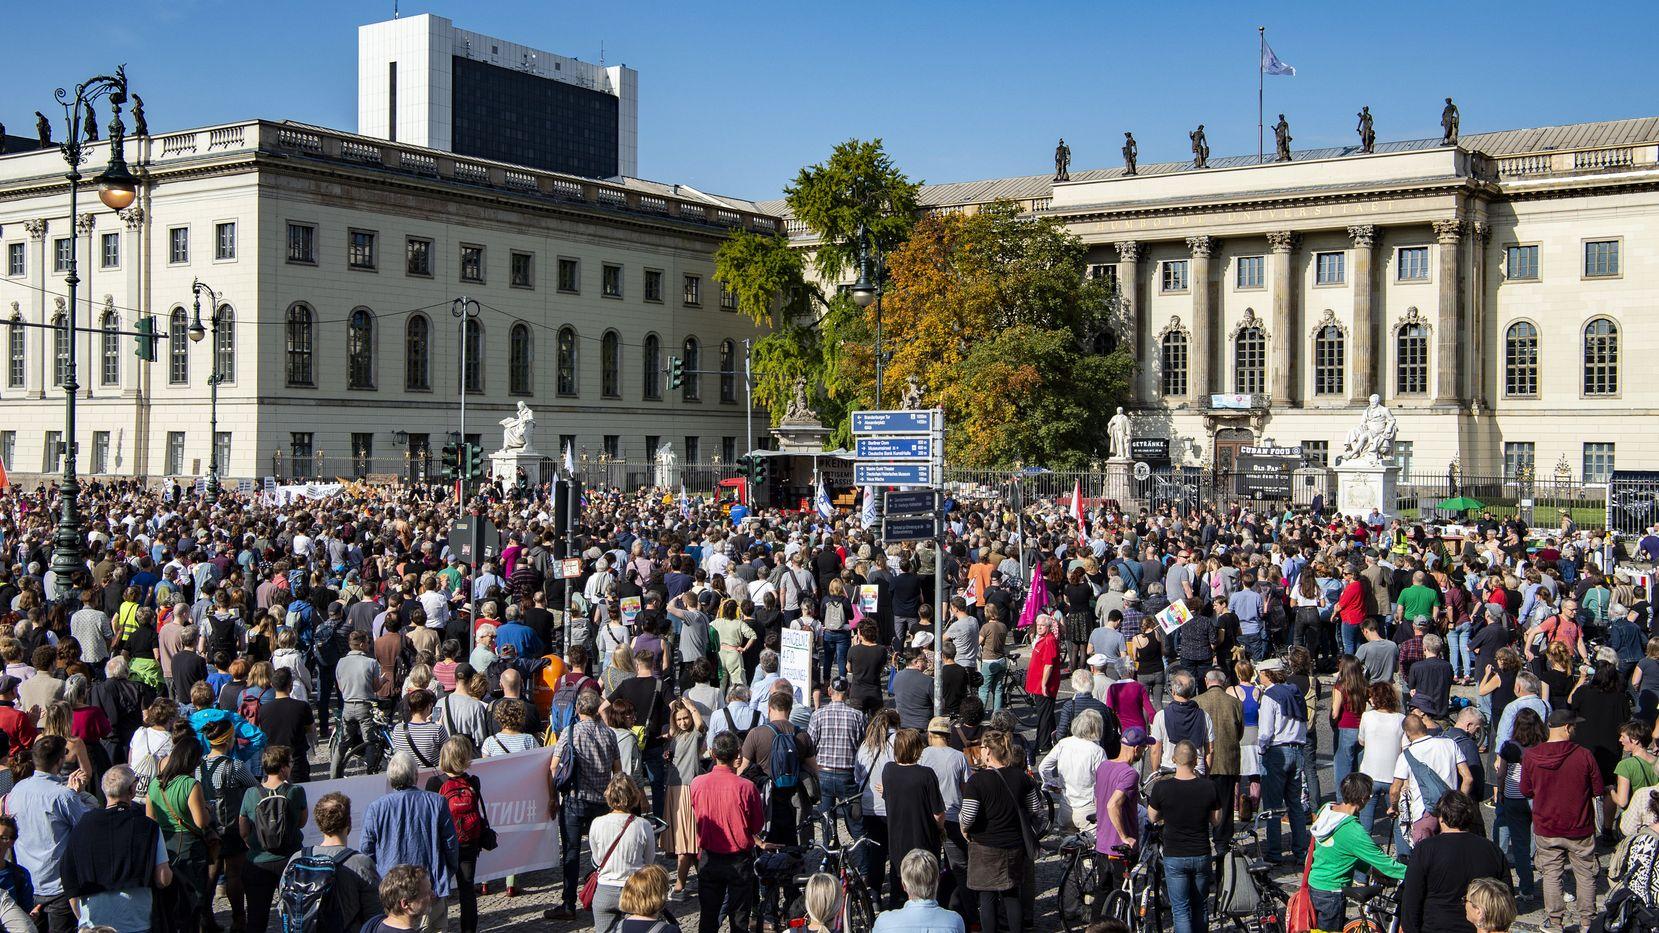 """Teilnehmer einer Demonstration gegen Antisemitismus stehen auf dem Berliner Bebelplatz. Veranstalter ist die Initiative """"Unteilbar""""."""